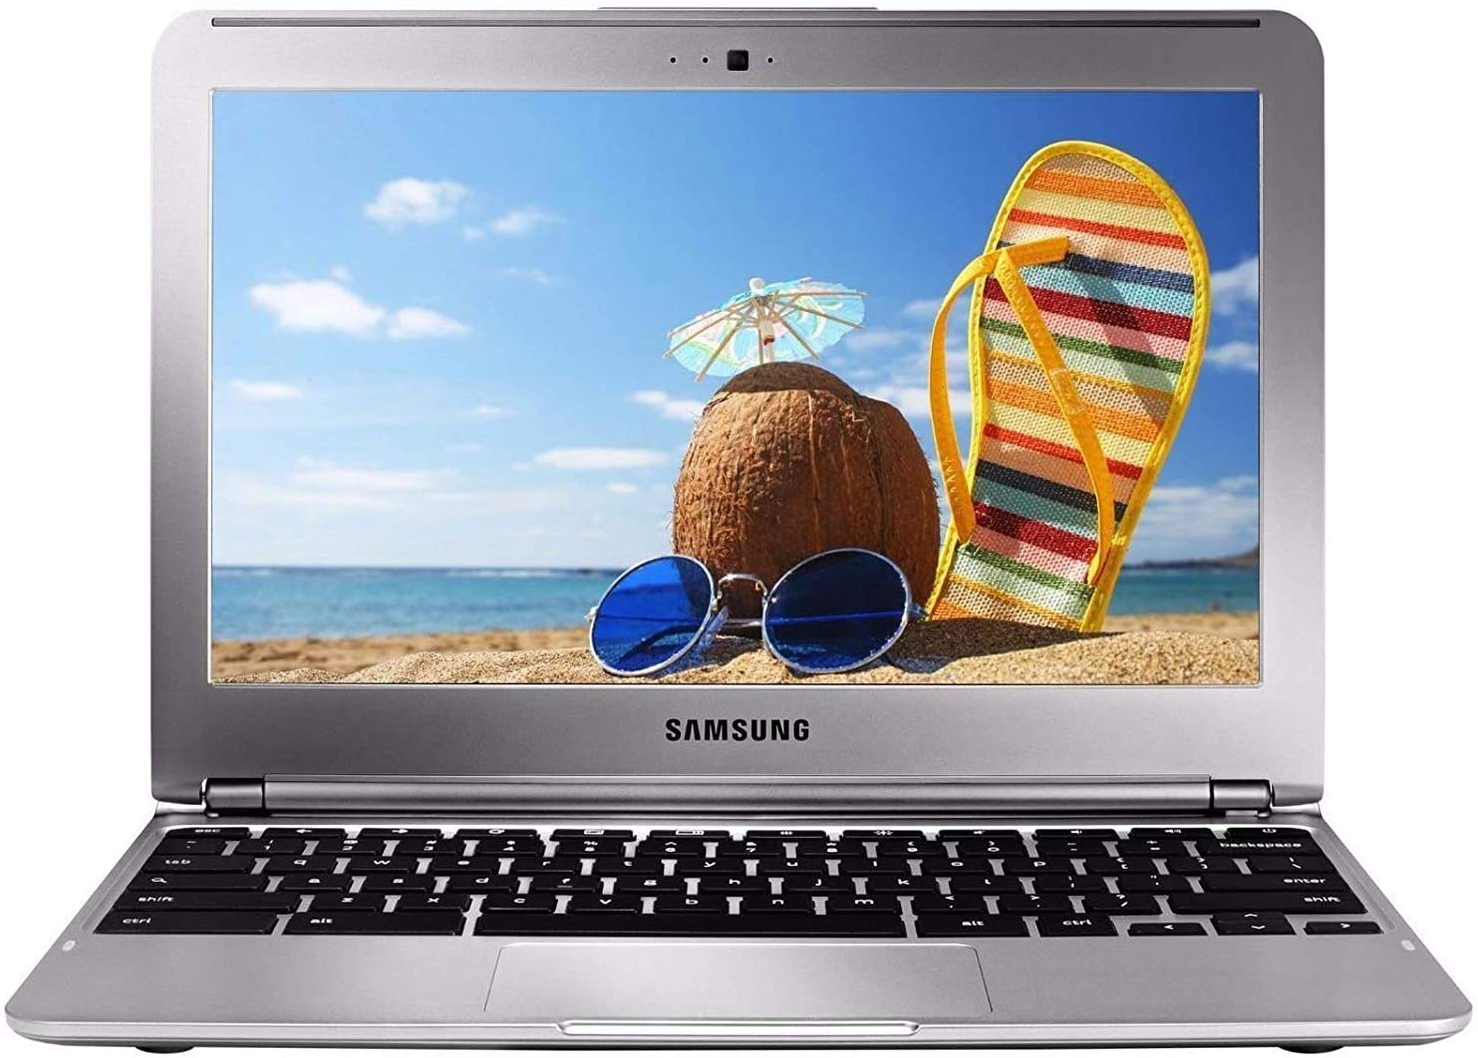 Samsung XE303C12-A01US Samsung Exynos 5250 X2 1.7GHz 2GB 16GB SSD 11.6in,Silver(Renewed)